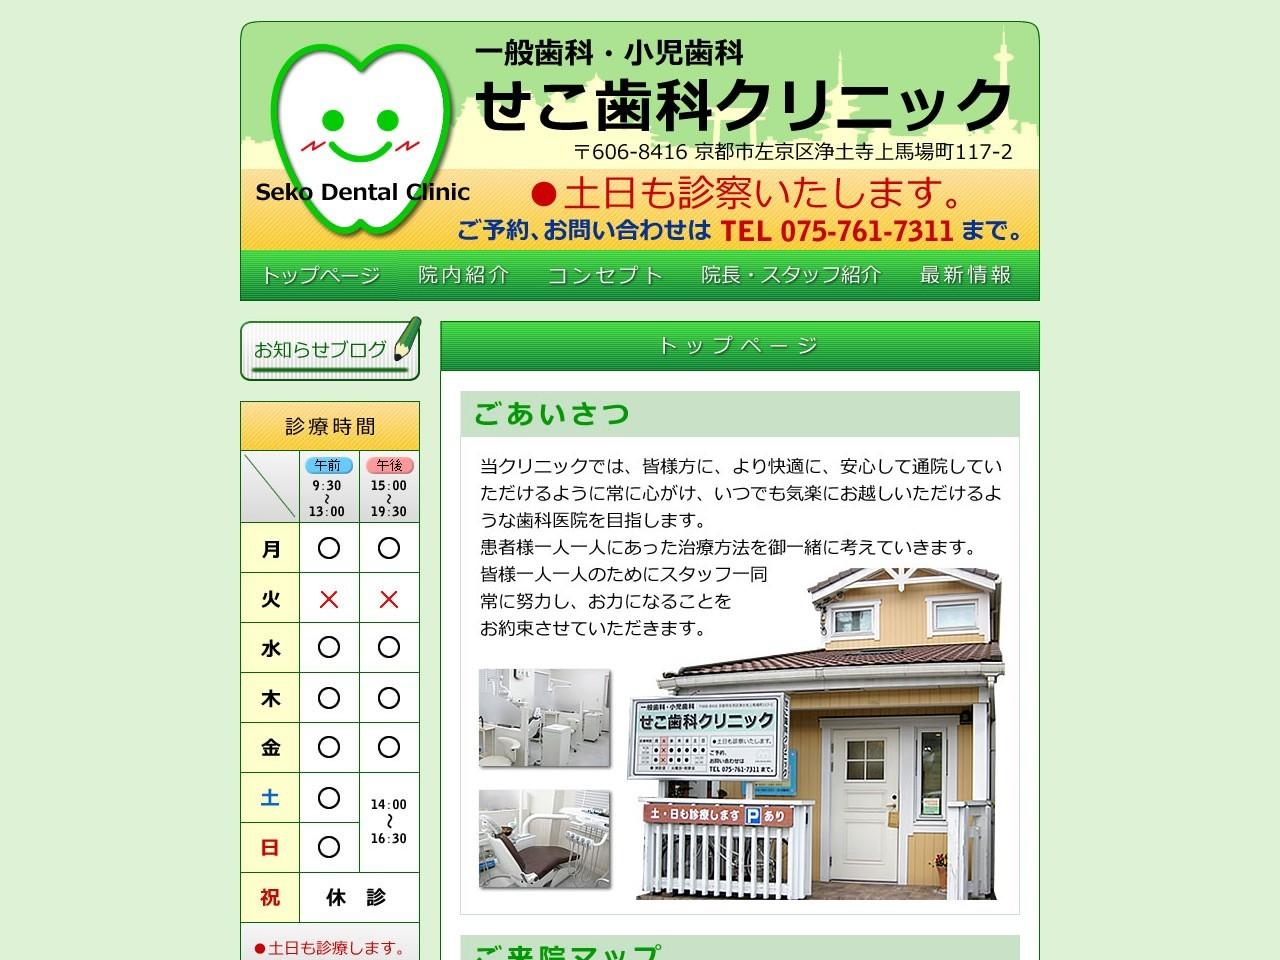 せこ歯科クリニック (京都府京都市左京区)